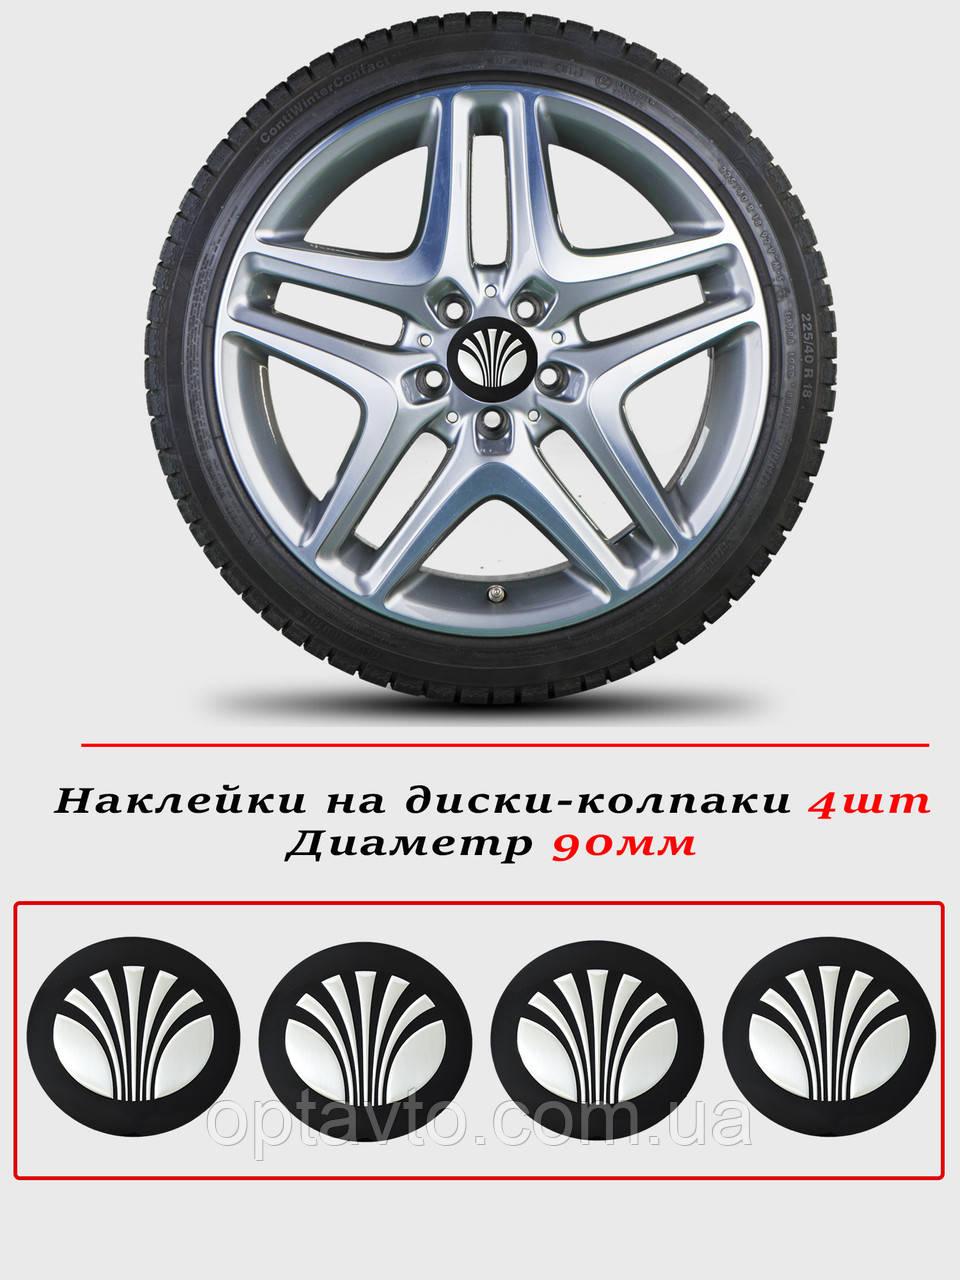 Наклейки на автомобильные колпаки и диски / комплект / диаметр 90 мм / DAEWOO